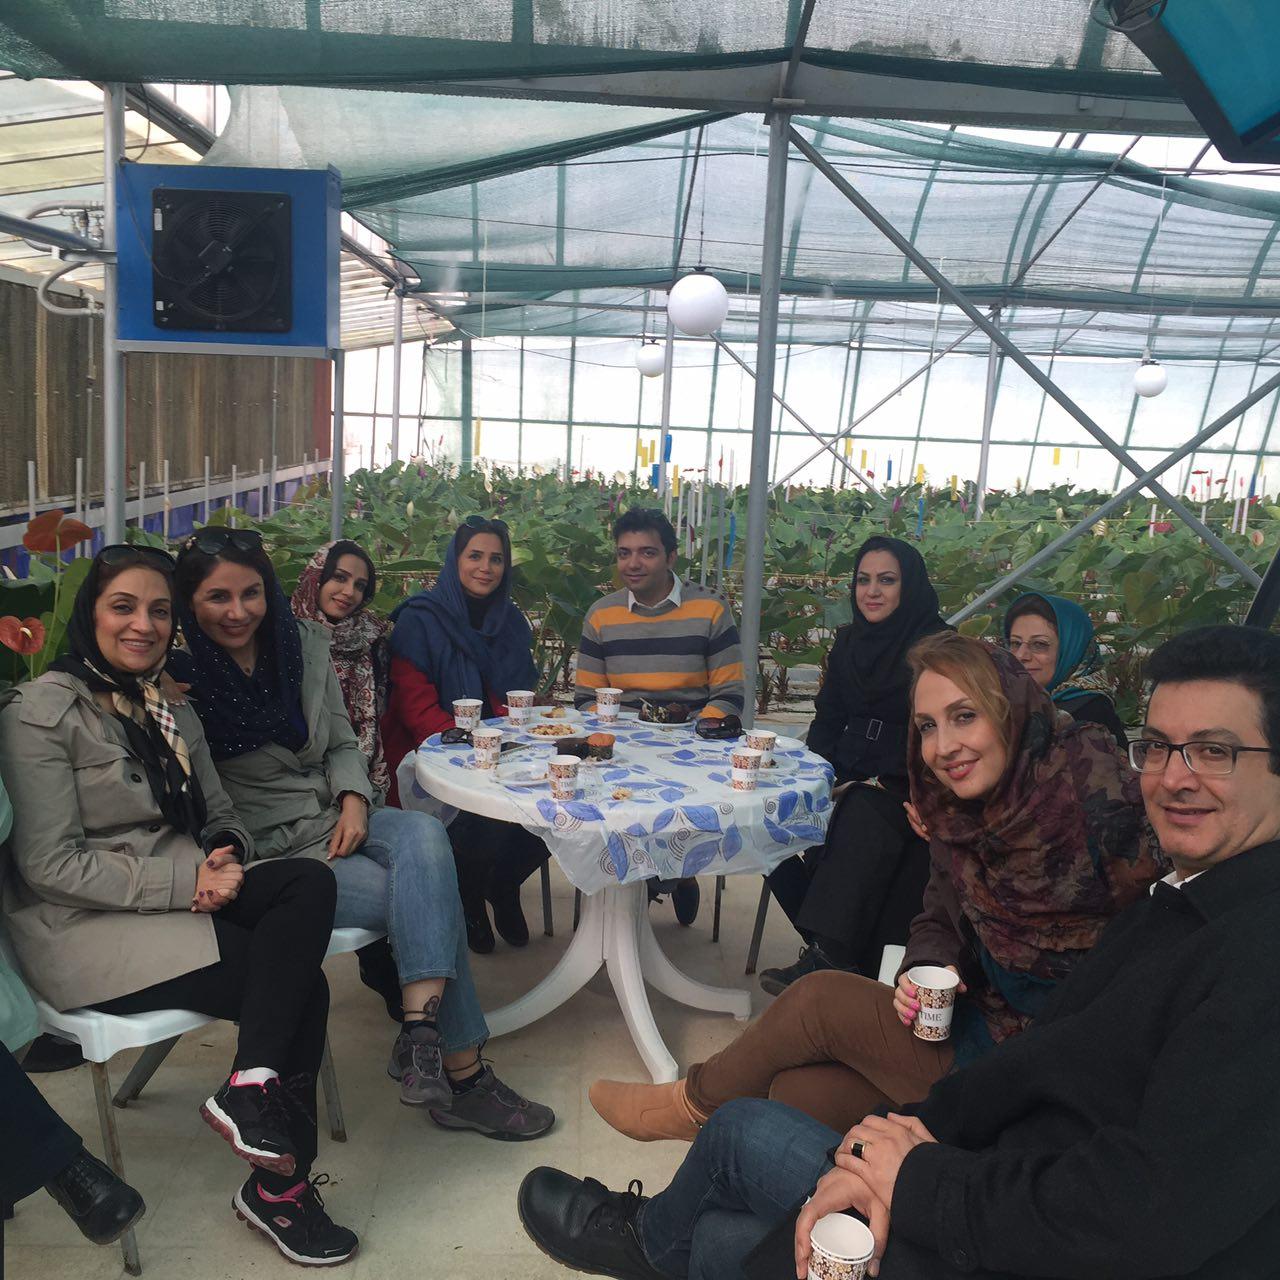 گلخانه هفت رنک شیراز-1394